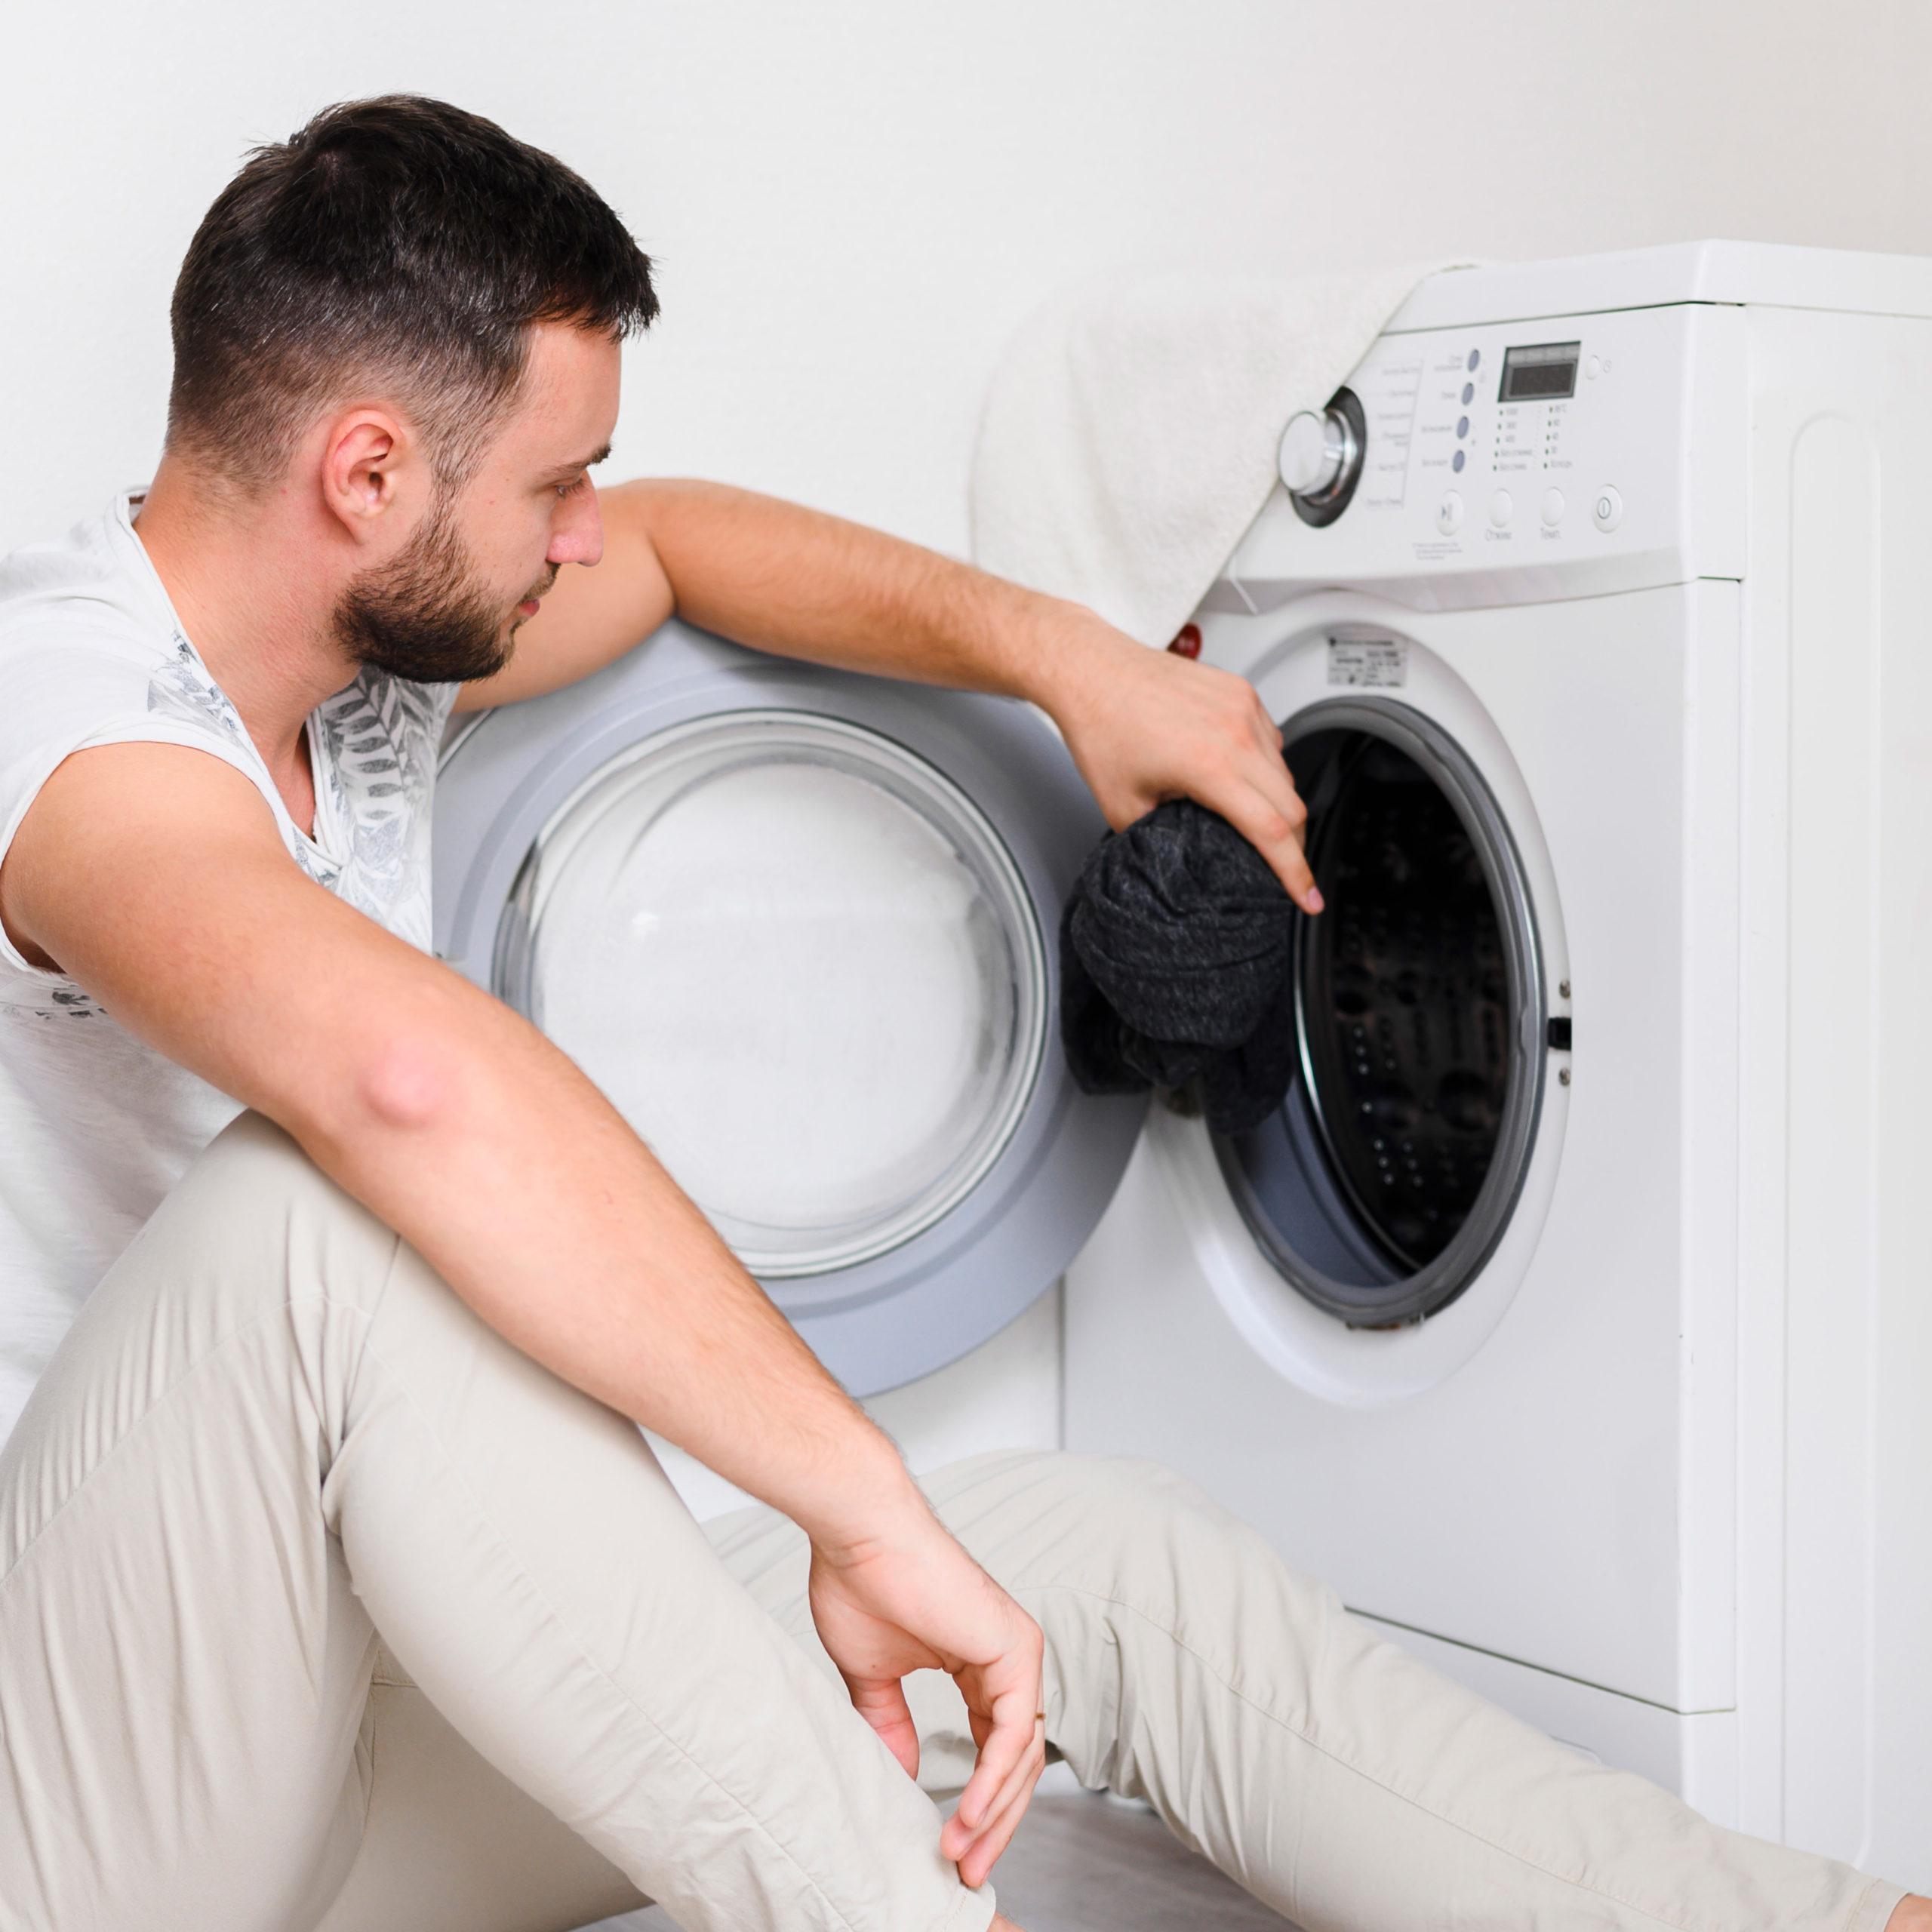 Cómo teñir ropa negra | Soluciones para la ropa